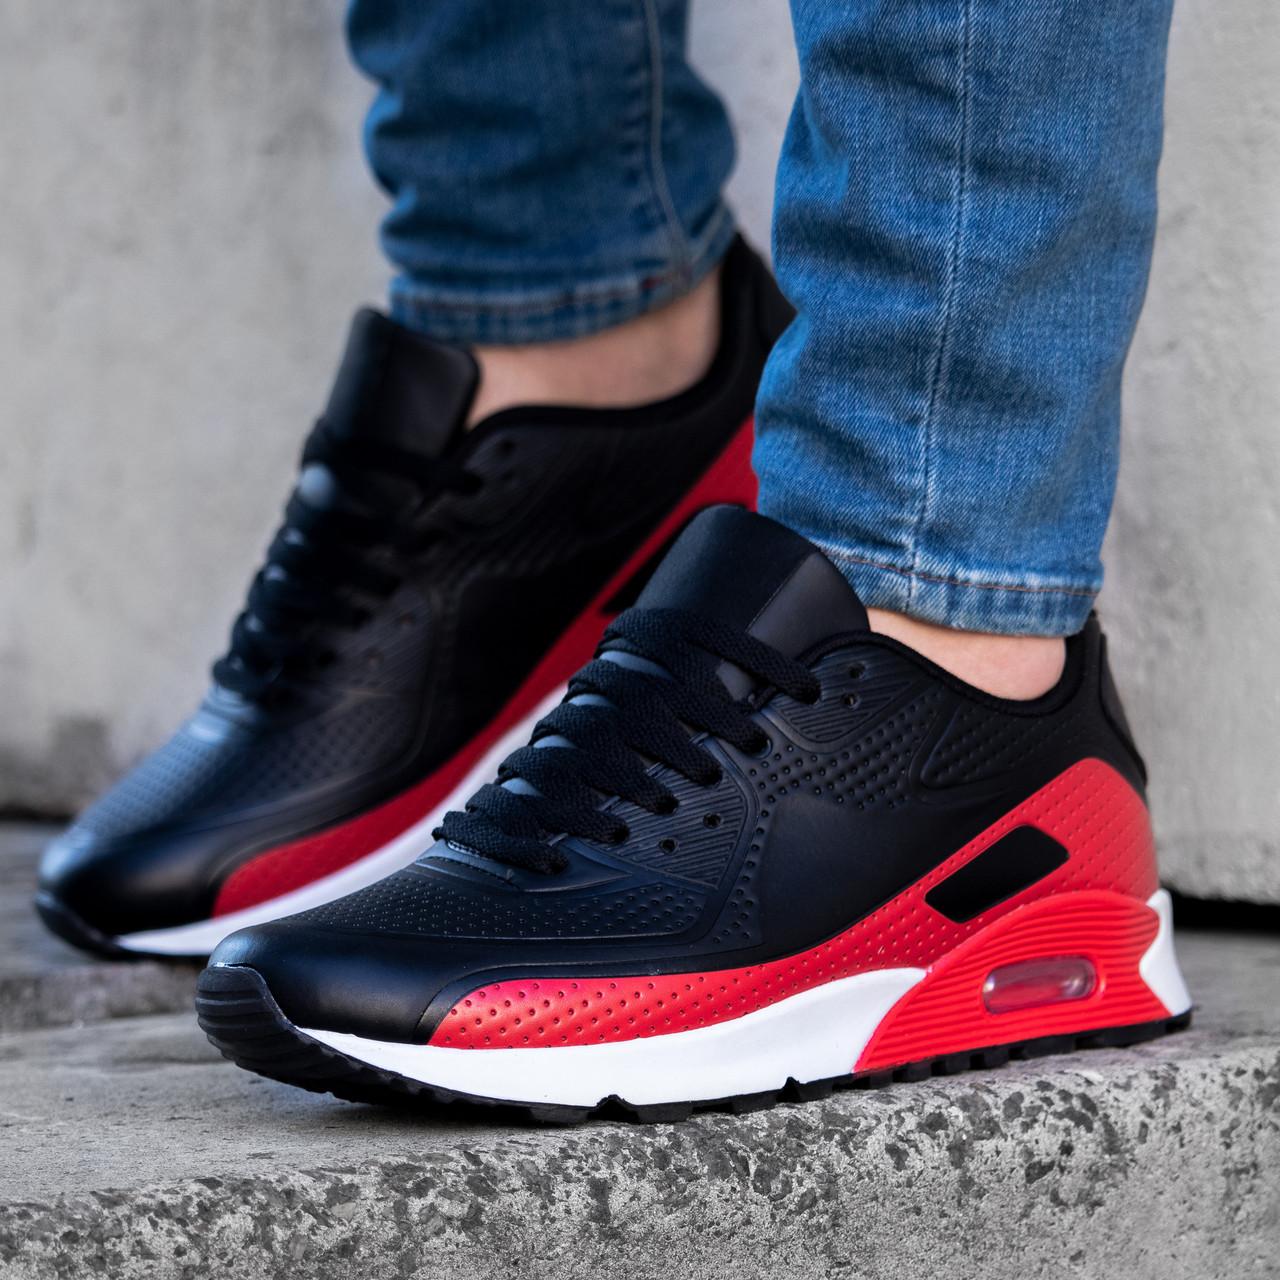 Кроссовки мужские в стиле Nike Air Max черно красные на белой подошве Размеры 45,46